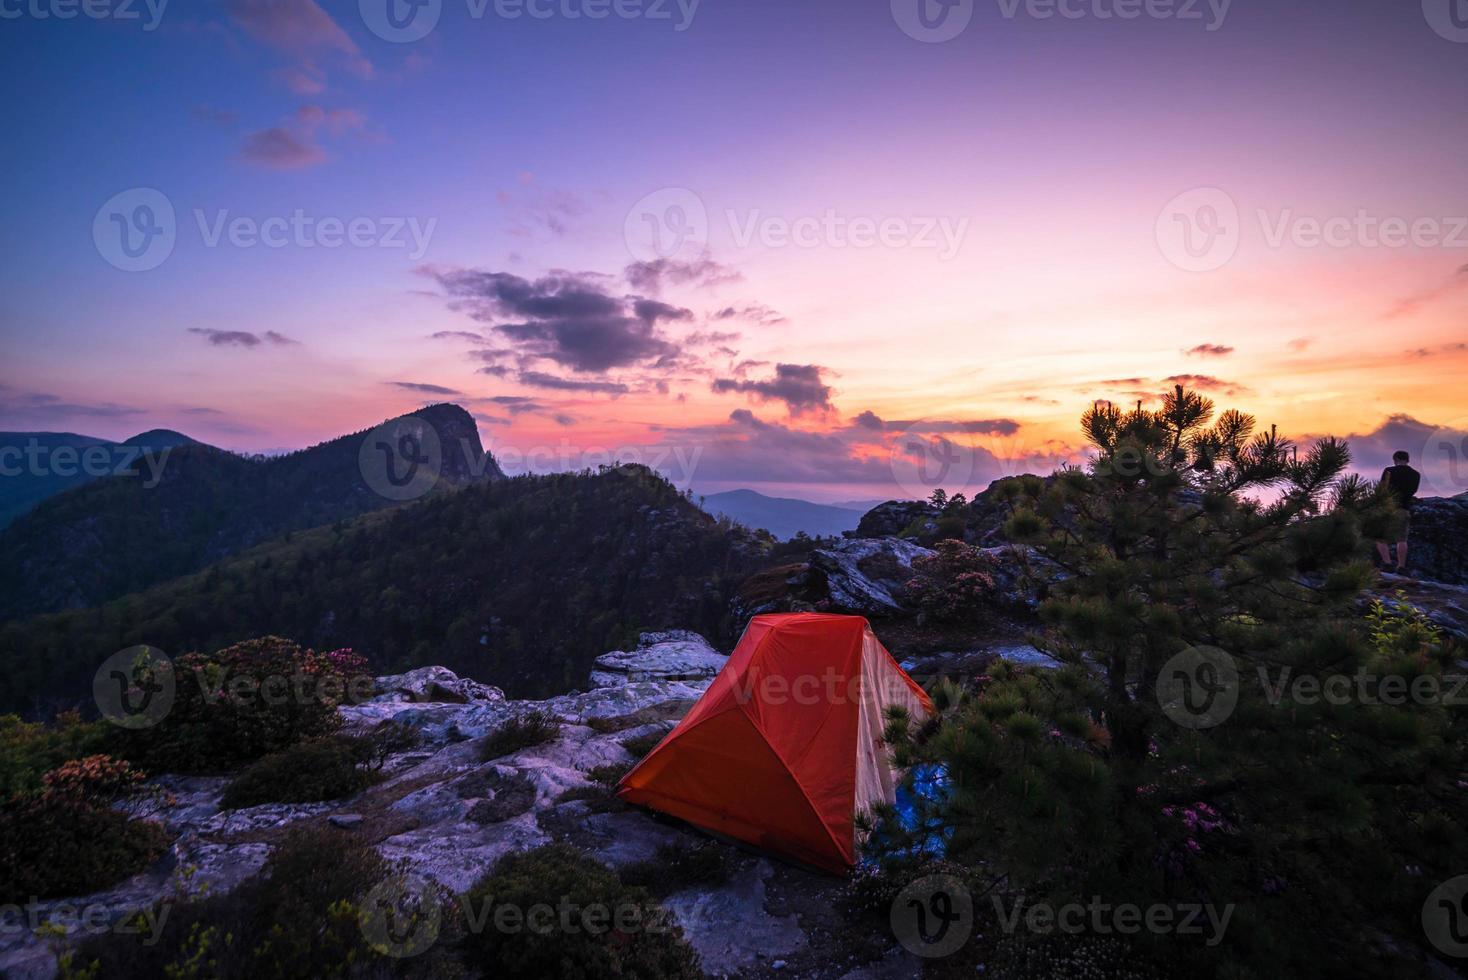 camping sous tente dans la région sauvage de la gorge de linville photo